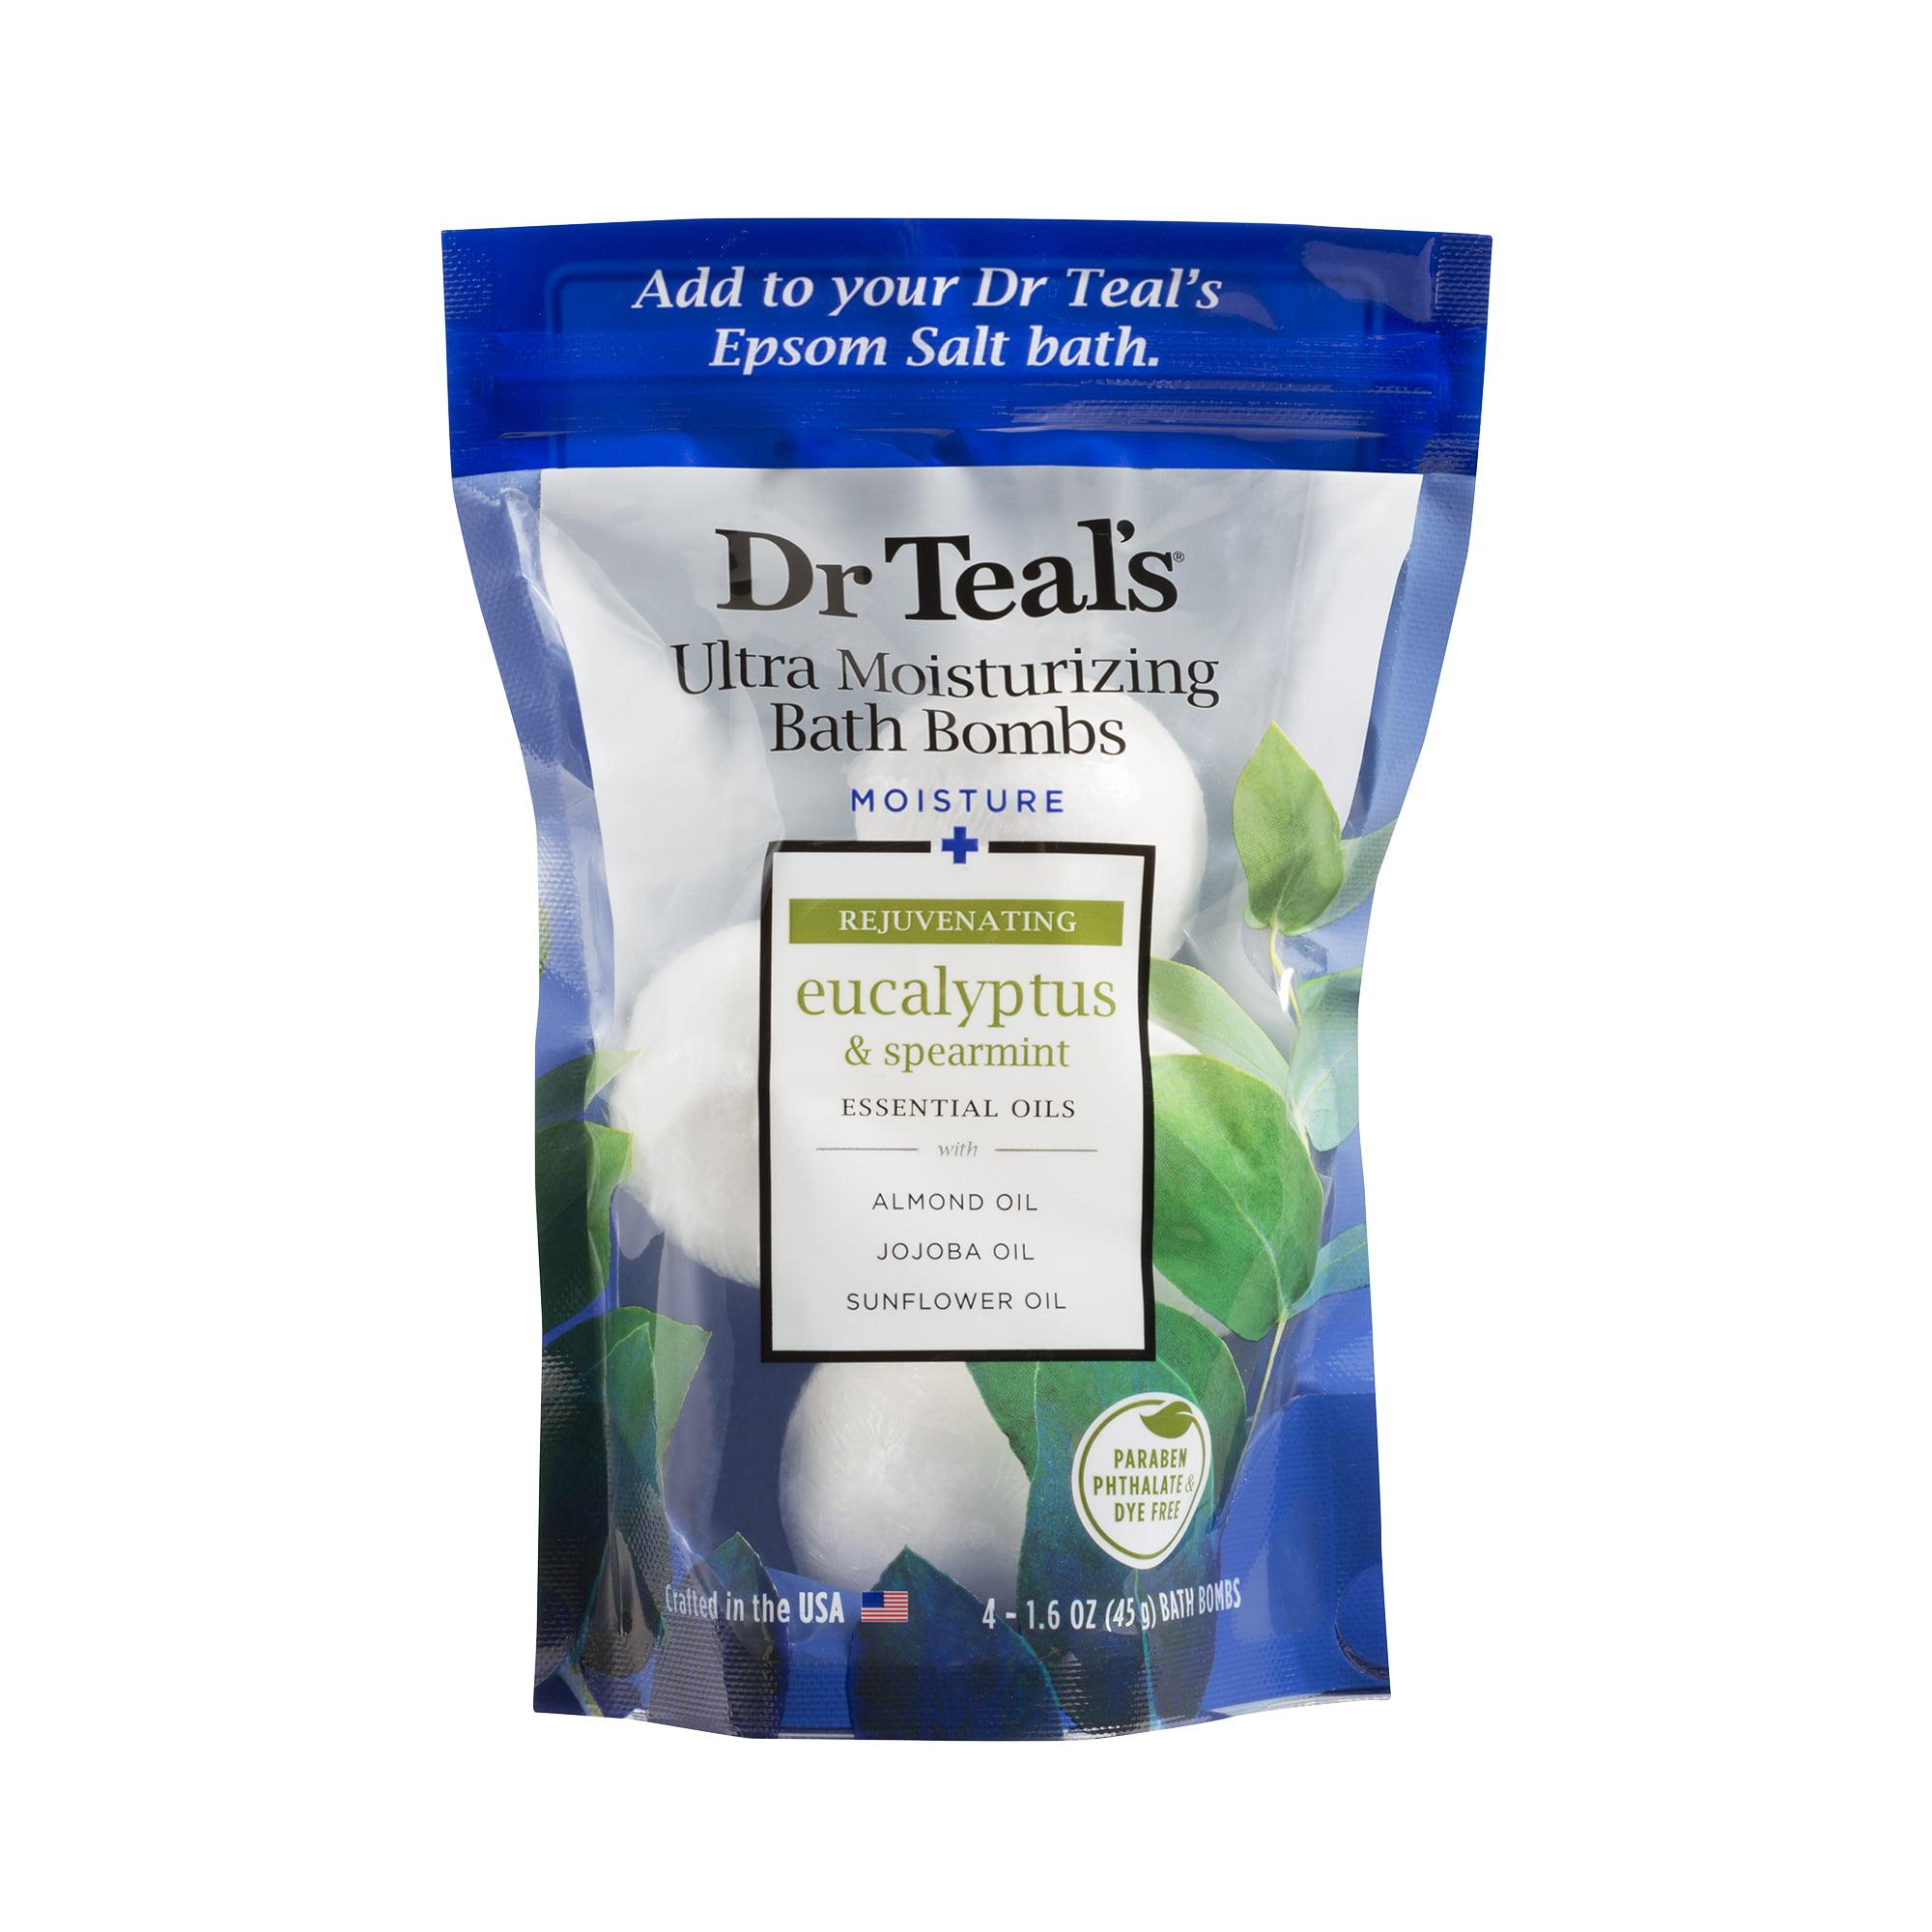 Dr Teal's Ultra Moisturizing Bath Bombs - Eucalyptus